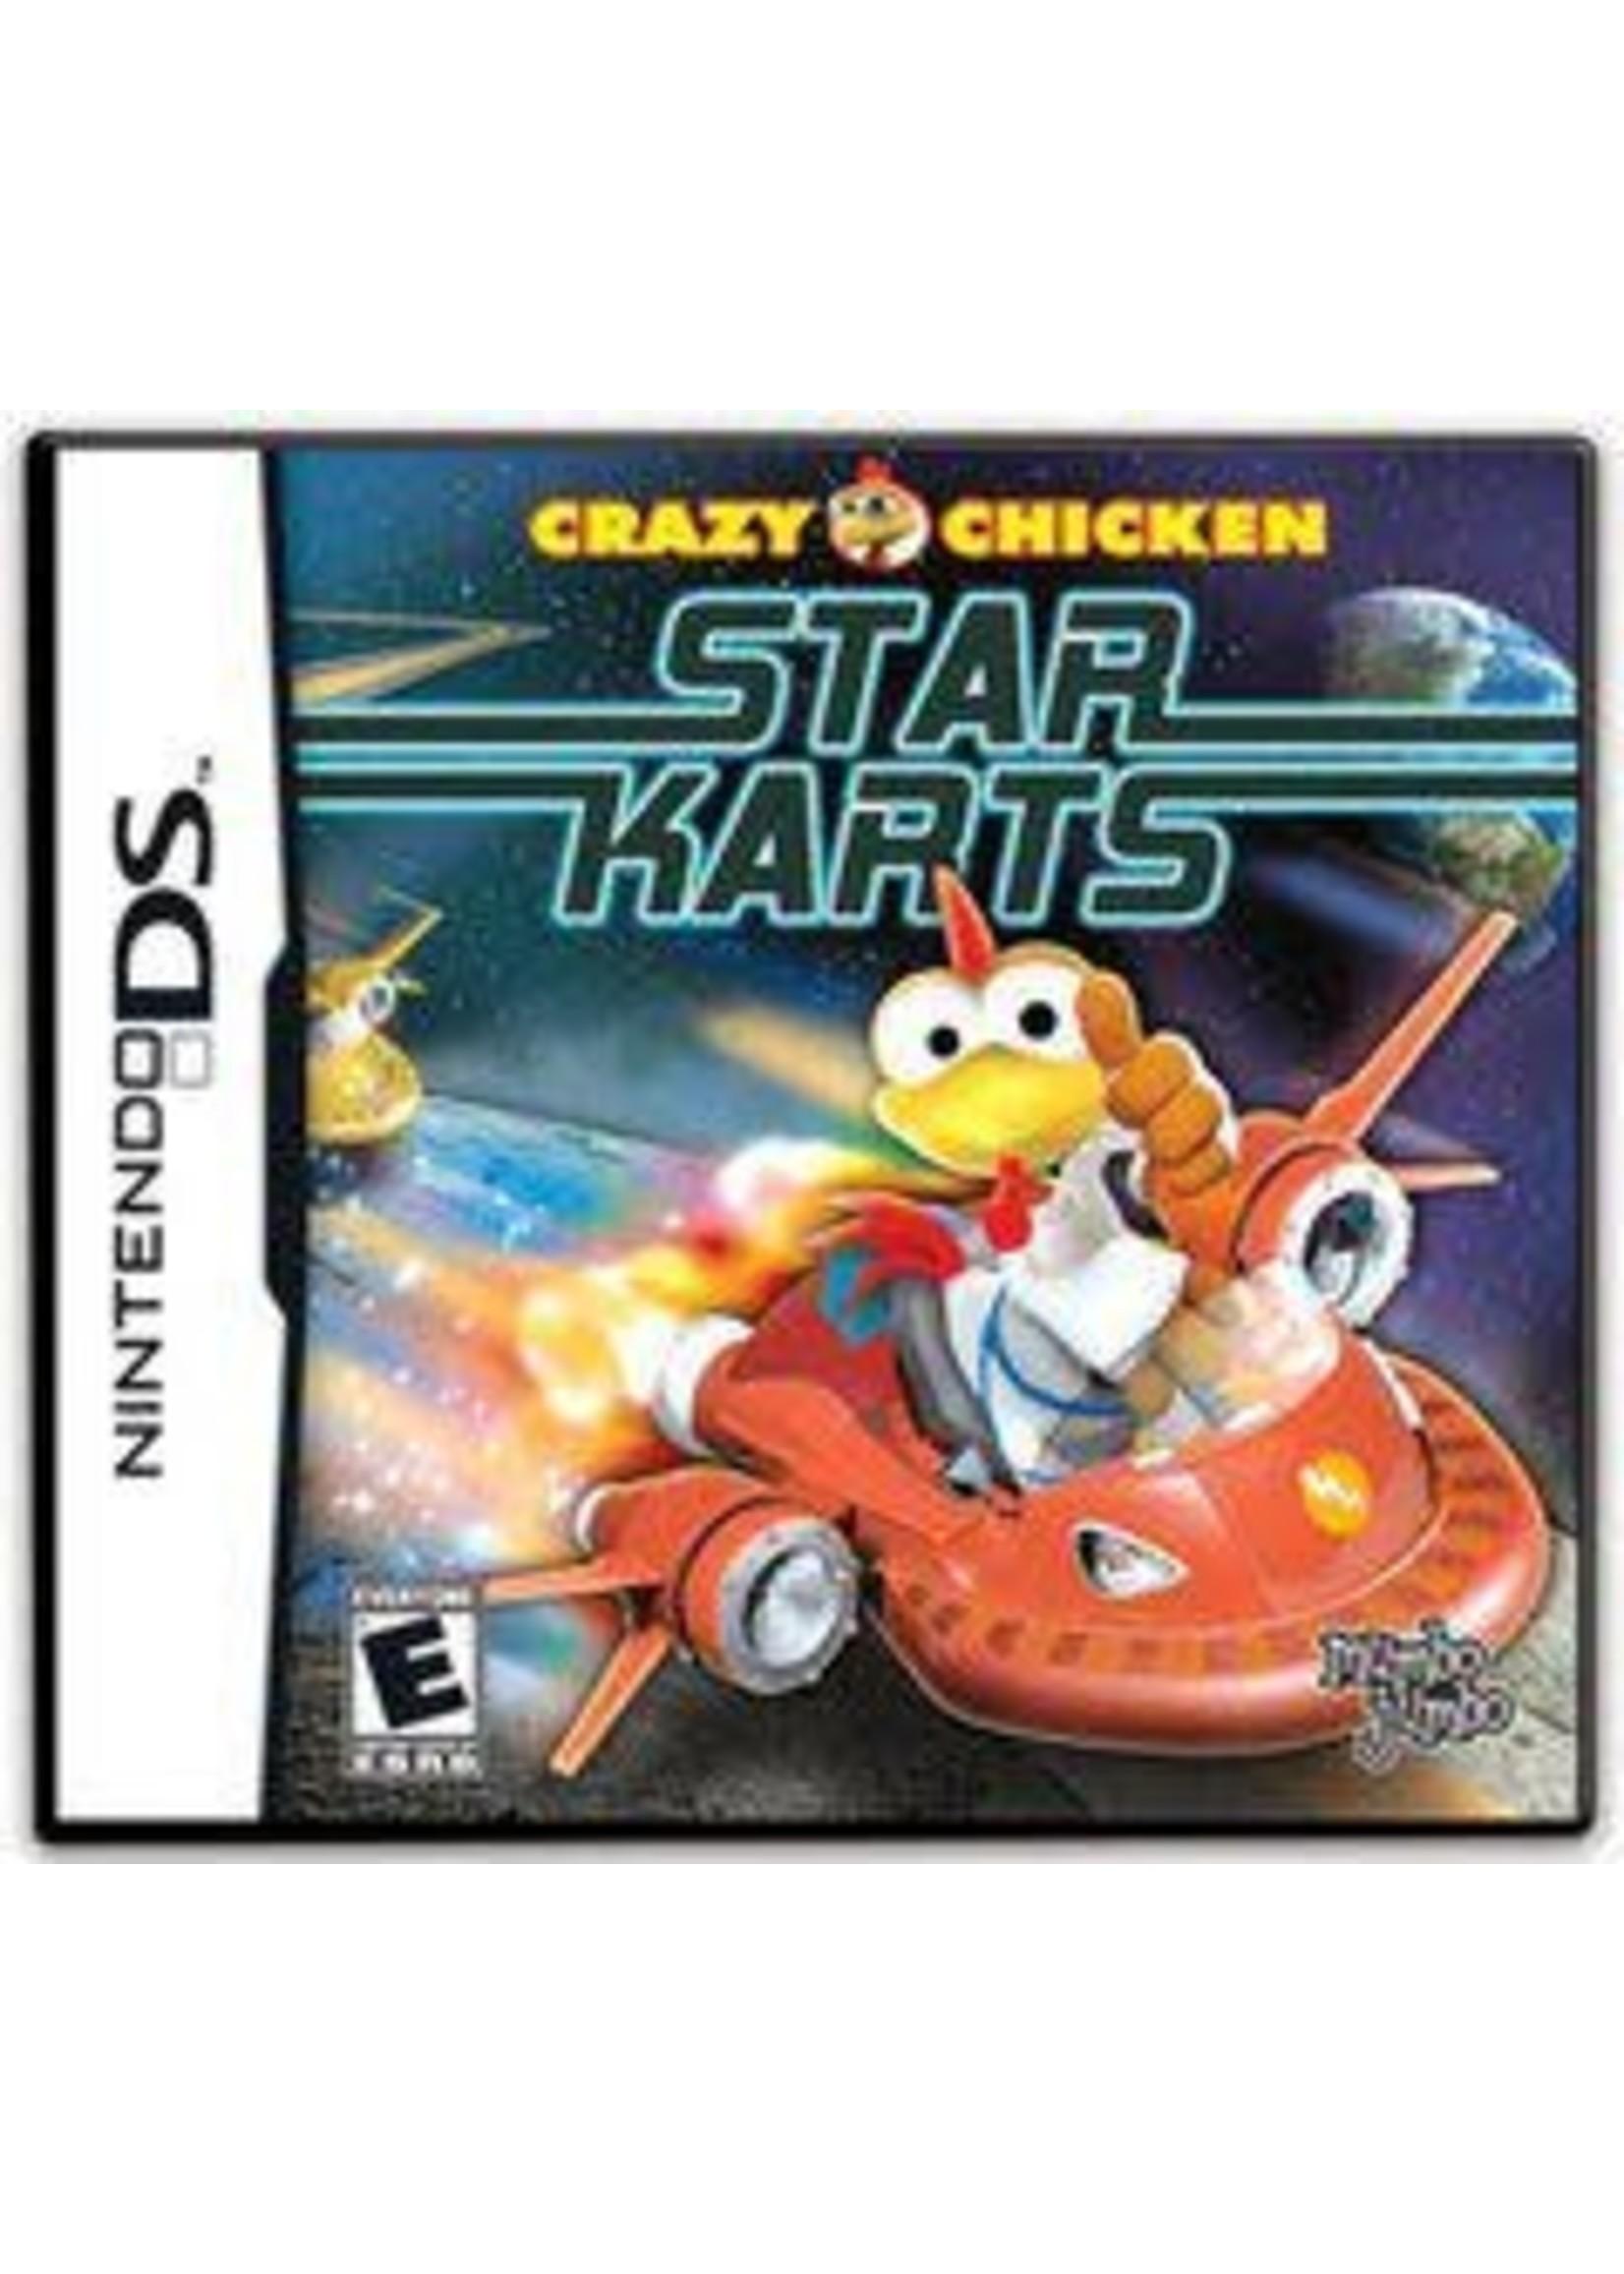 Crazy Chicken Star Karts Nintendo DS